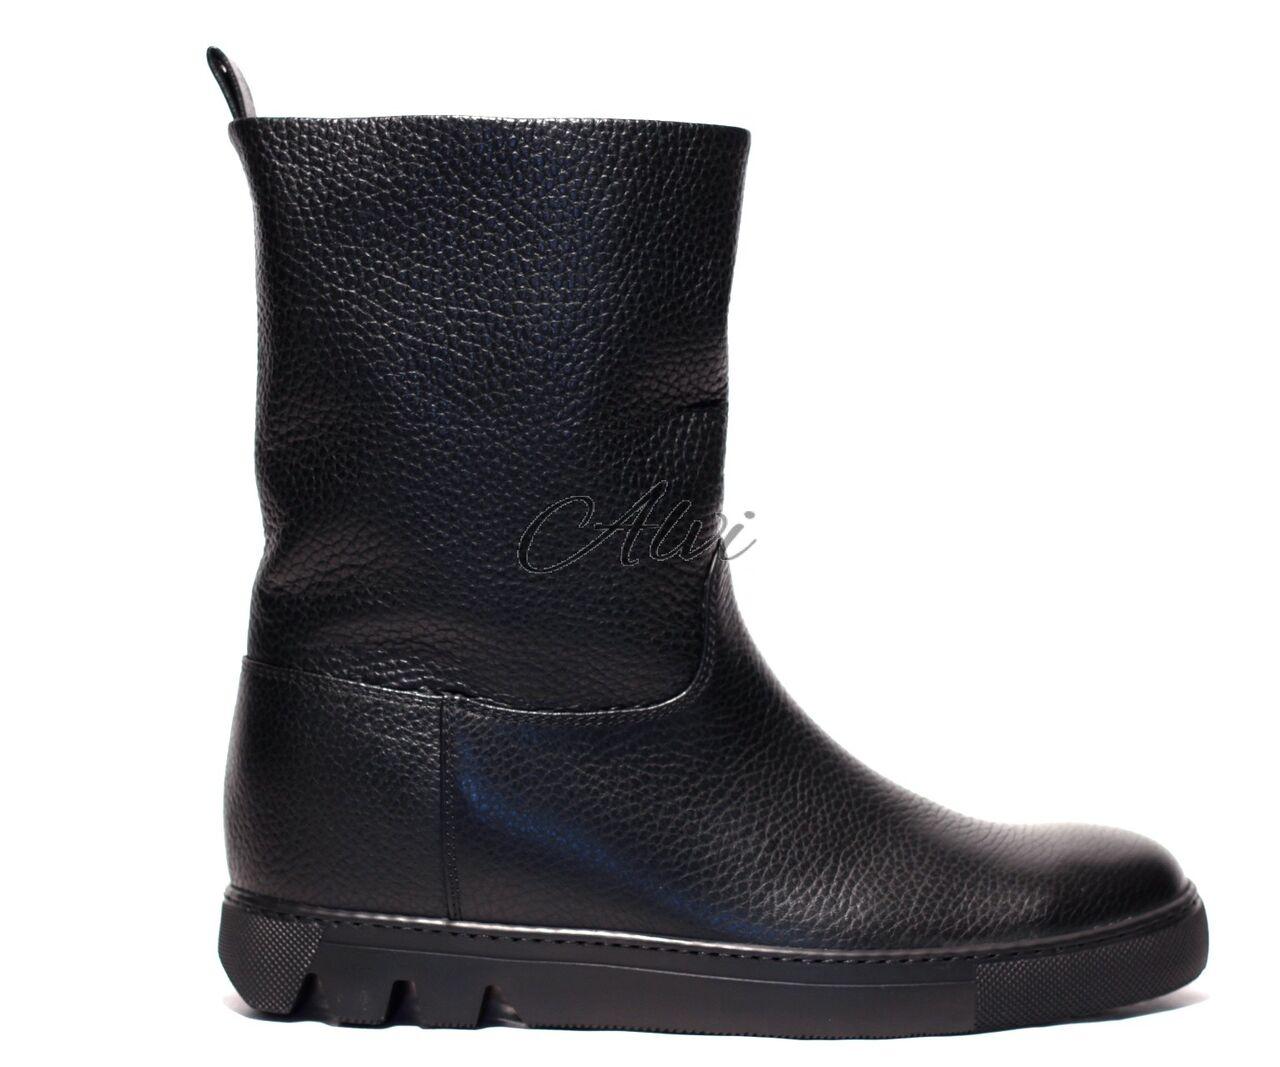 100% genuino disabilità strutturali migliore qualità stivali corti con para Fabi per pioggia